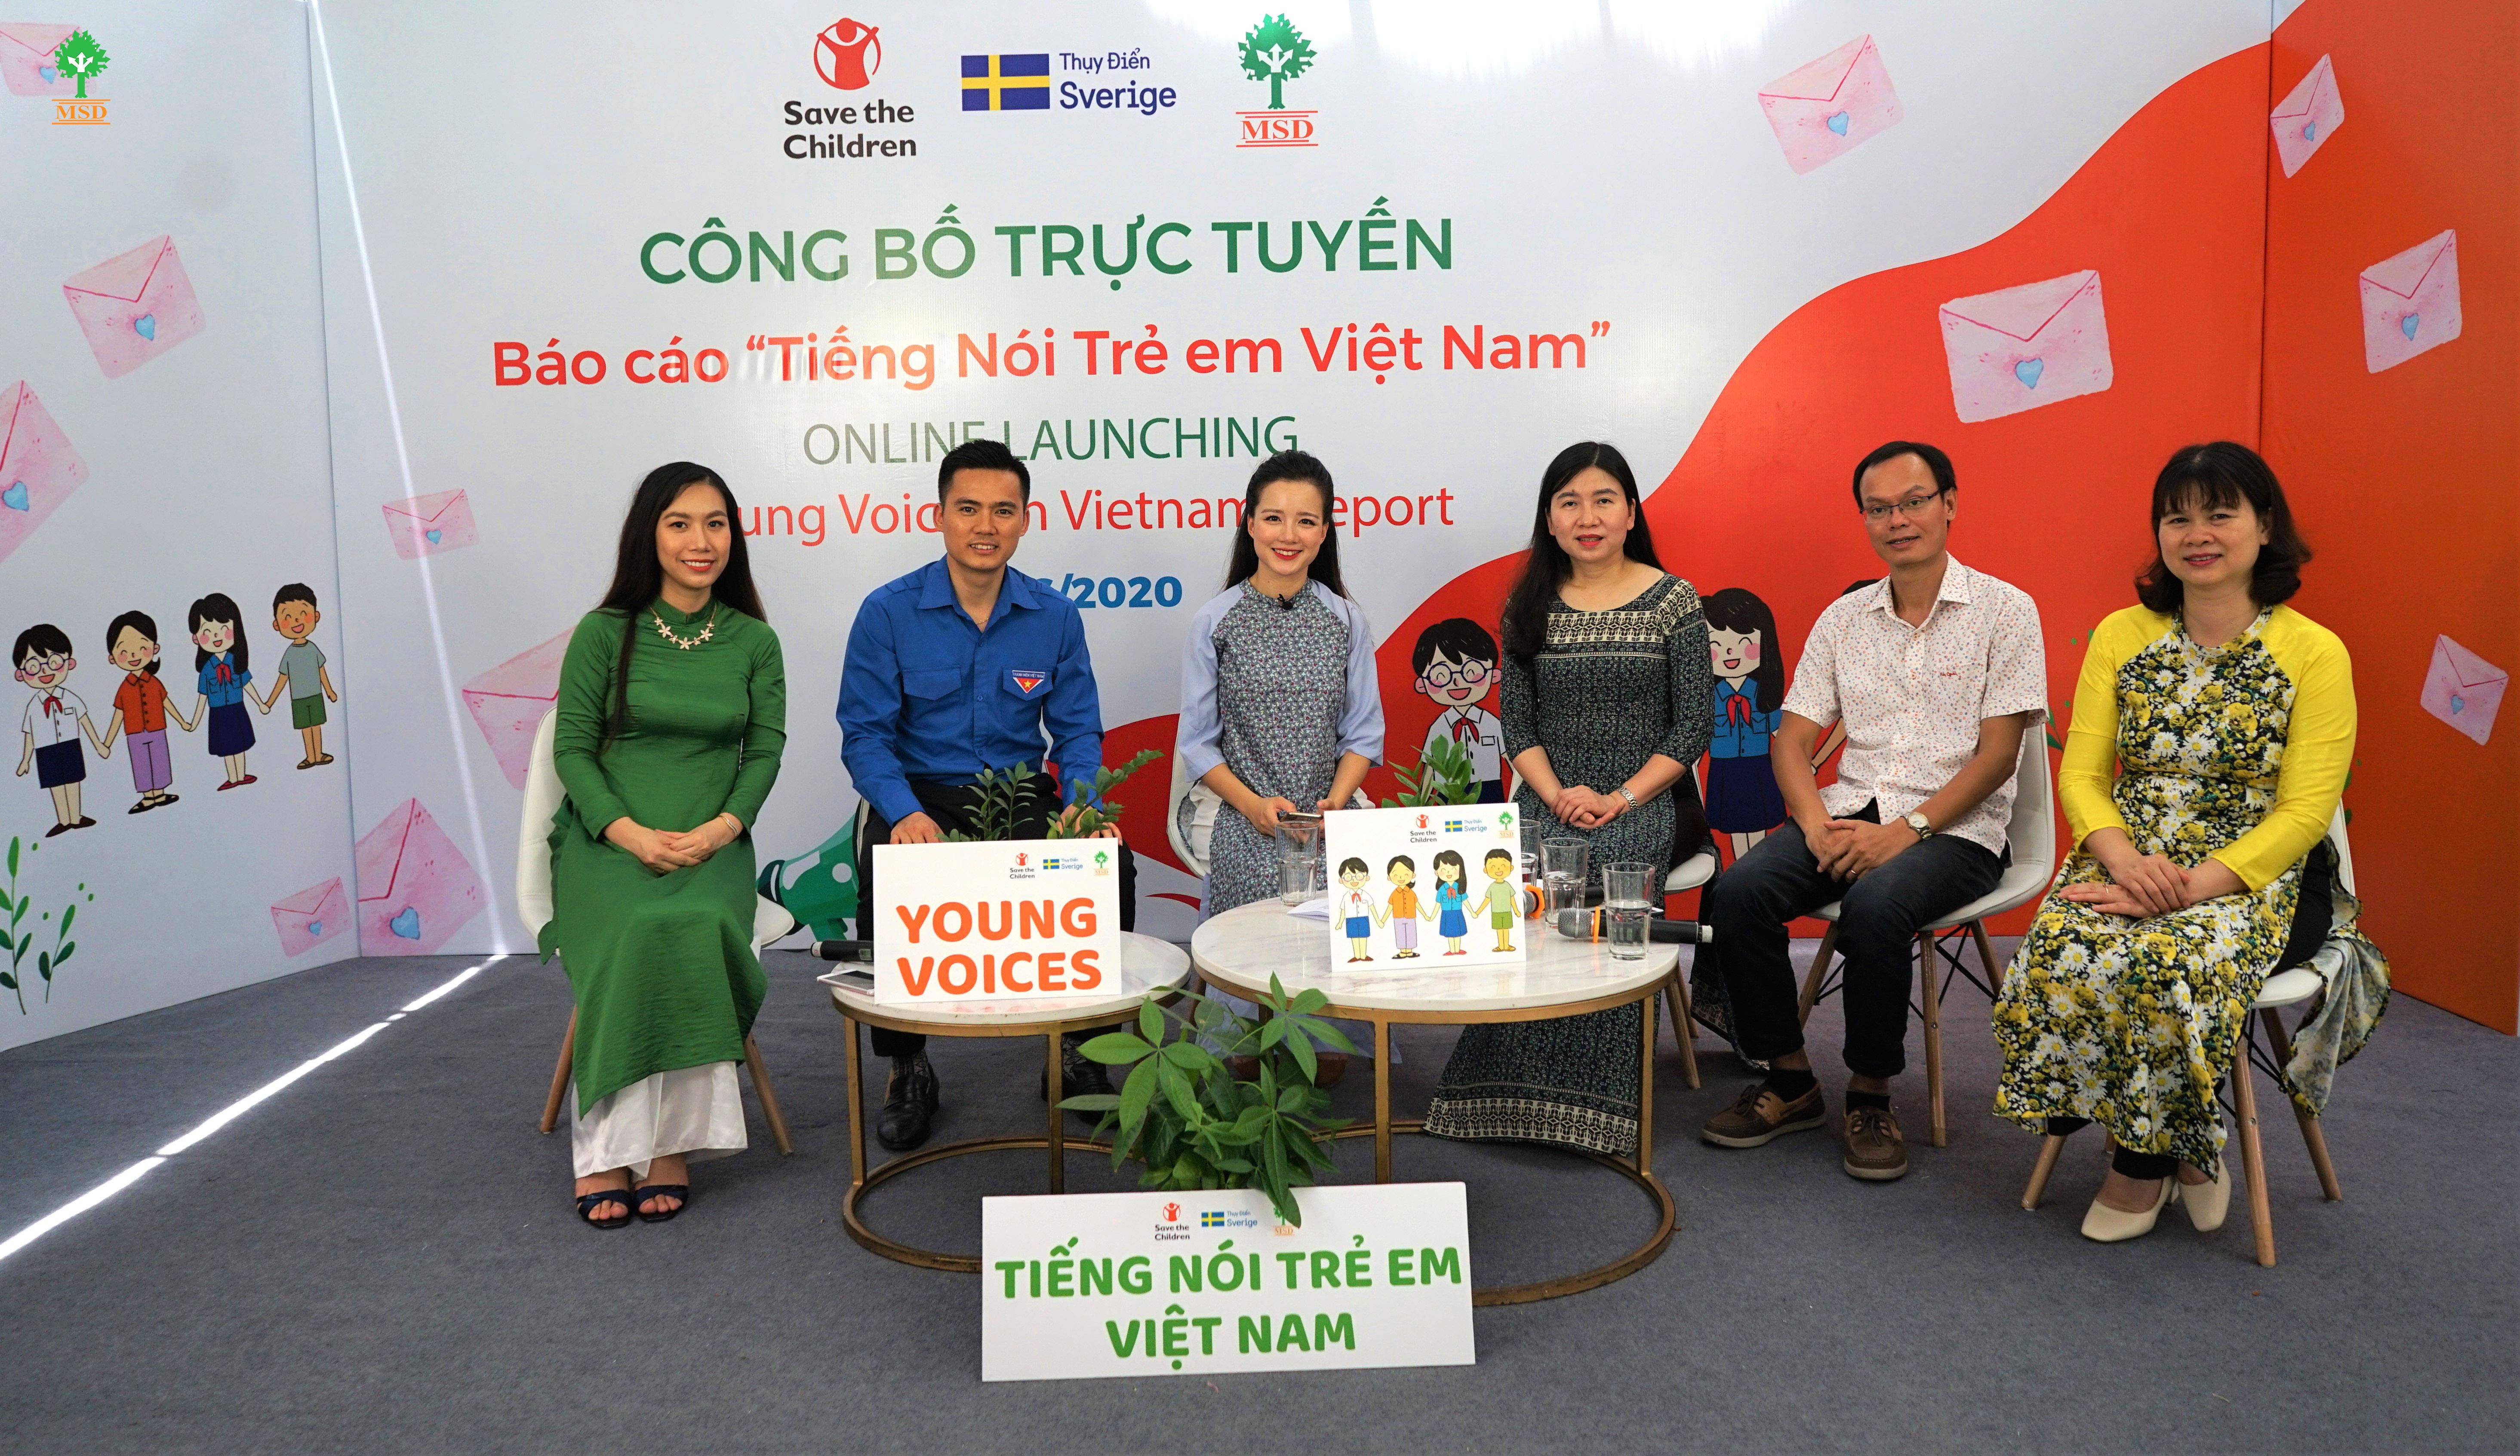 Khảo sát Tiếng nói trẻ em Việt Nam